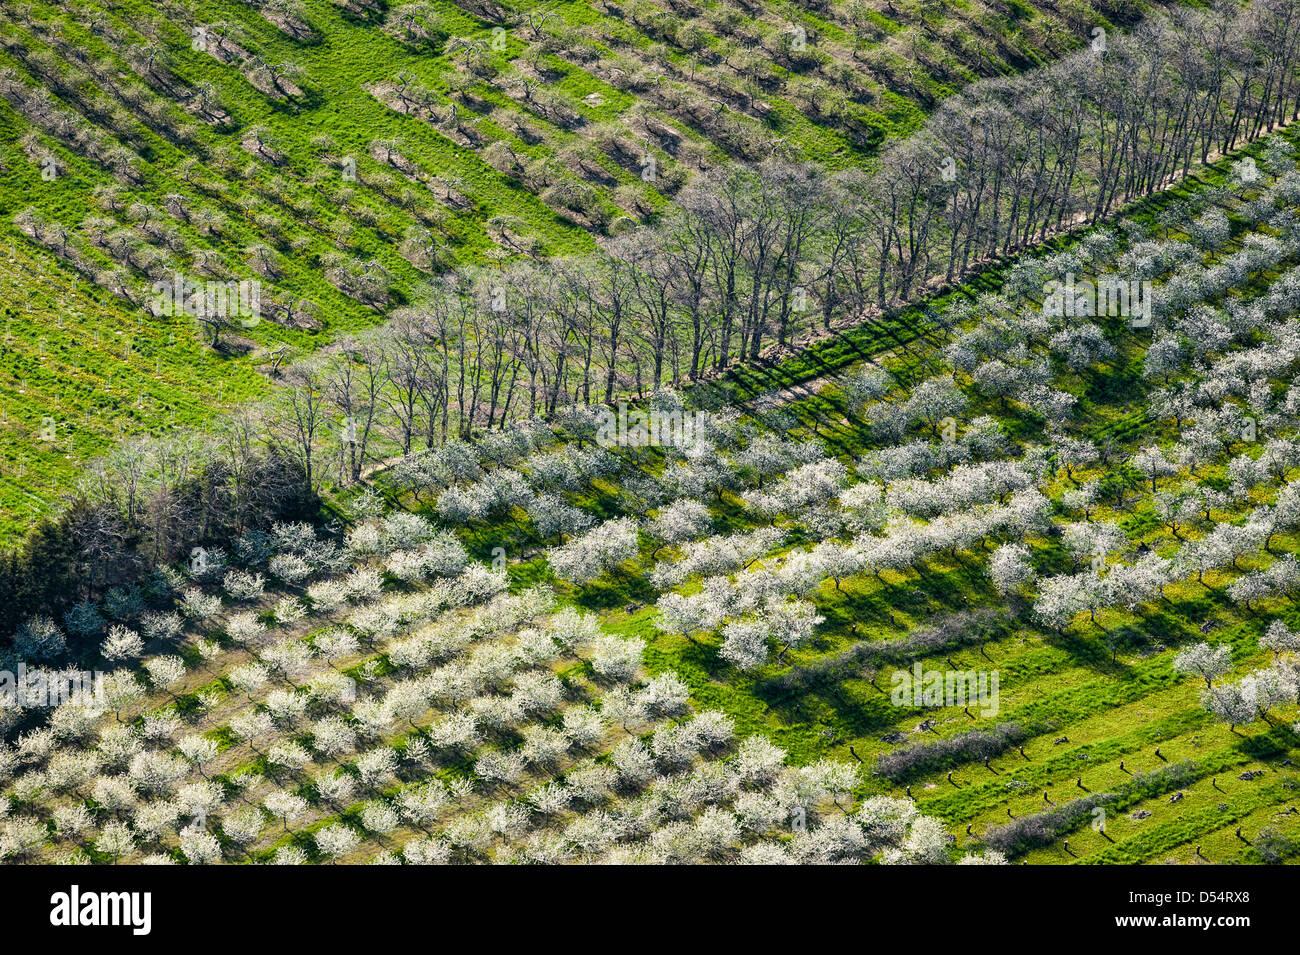 Vue aérienne de la cerisaie en fleurs de printemps dans le Comté de Mason, Michigan, USA. Photographie par Jeffrey Wickett, NorthLight la photographie. Banque D'Images